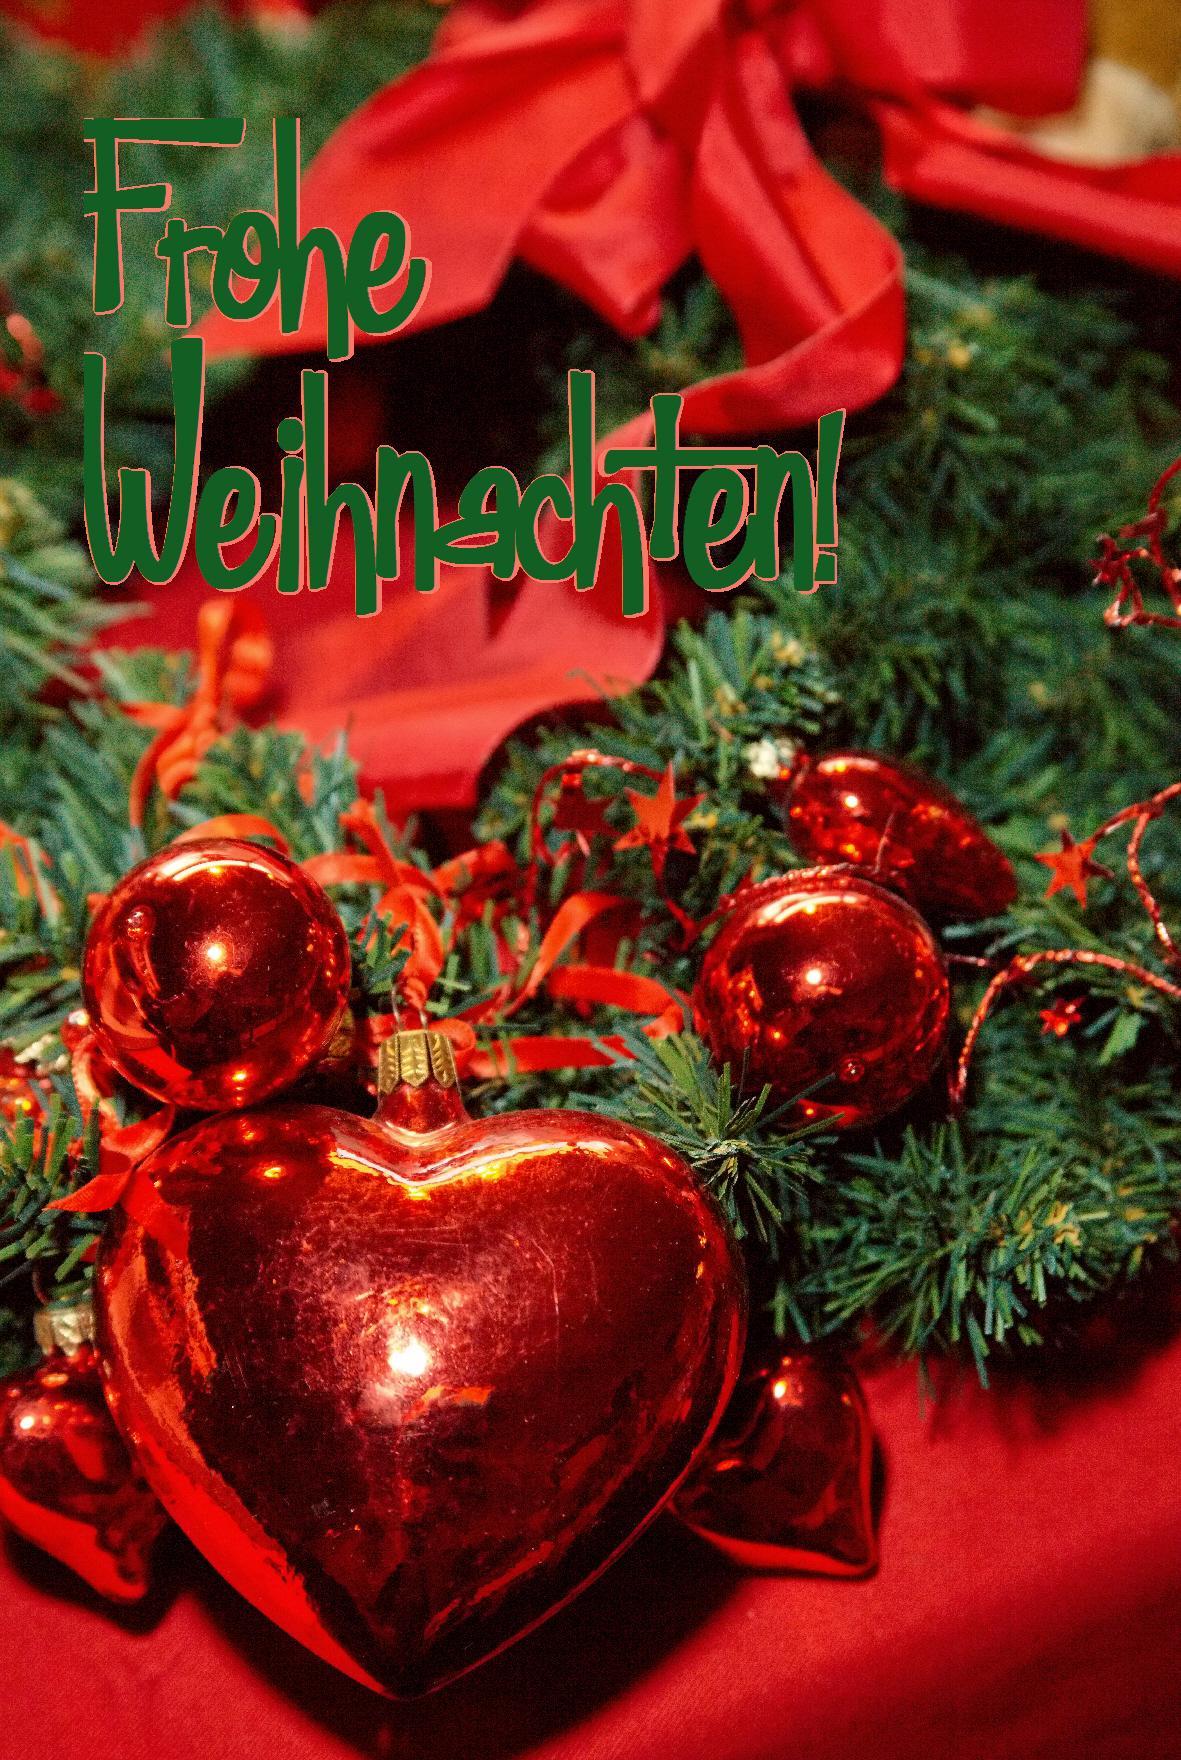 kostenlose weihnachtskarten mit weihnachtsbaum. Black Bedroom Furniture Sets. Home Design Ideas